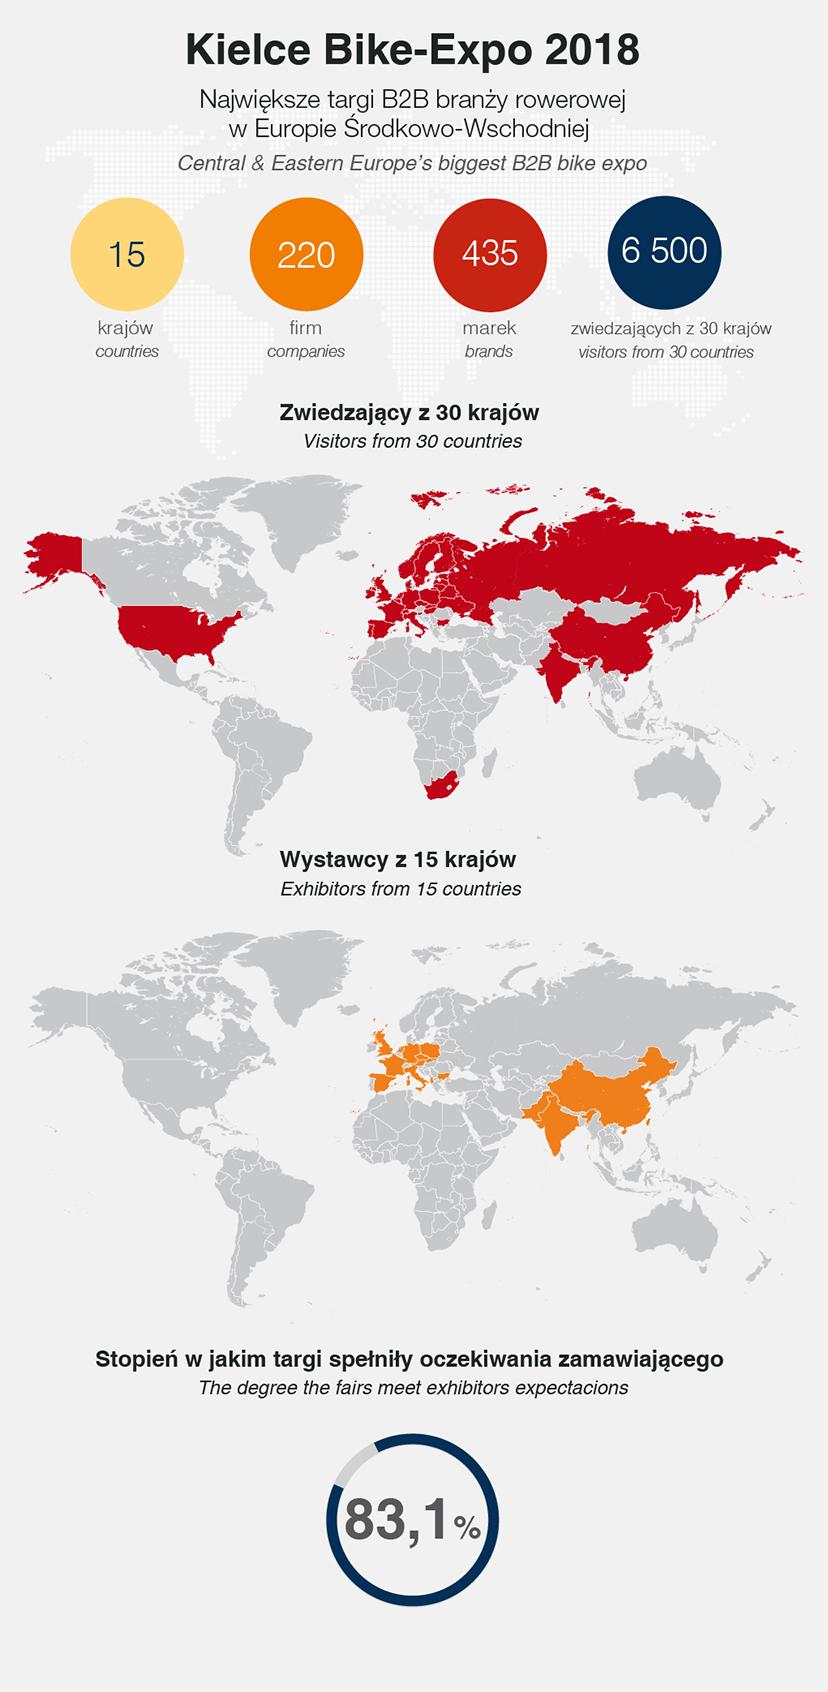 kielce bike-expo 2018 - statystyka (infografika)